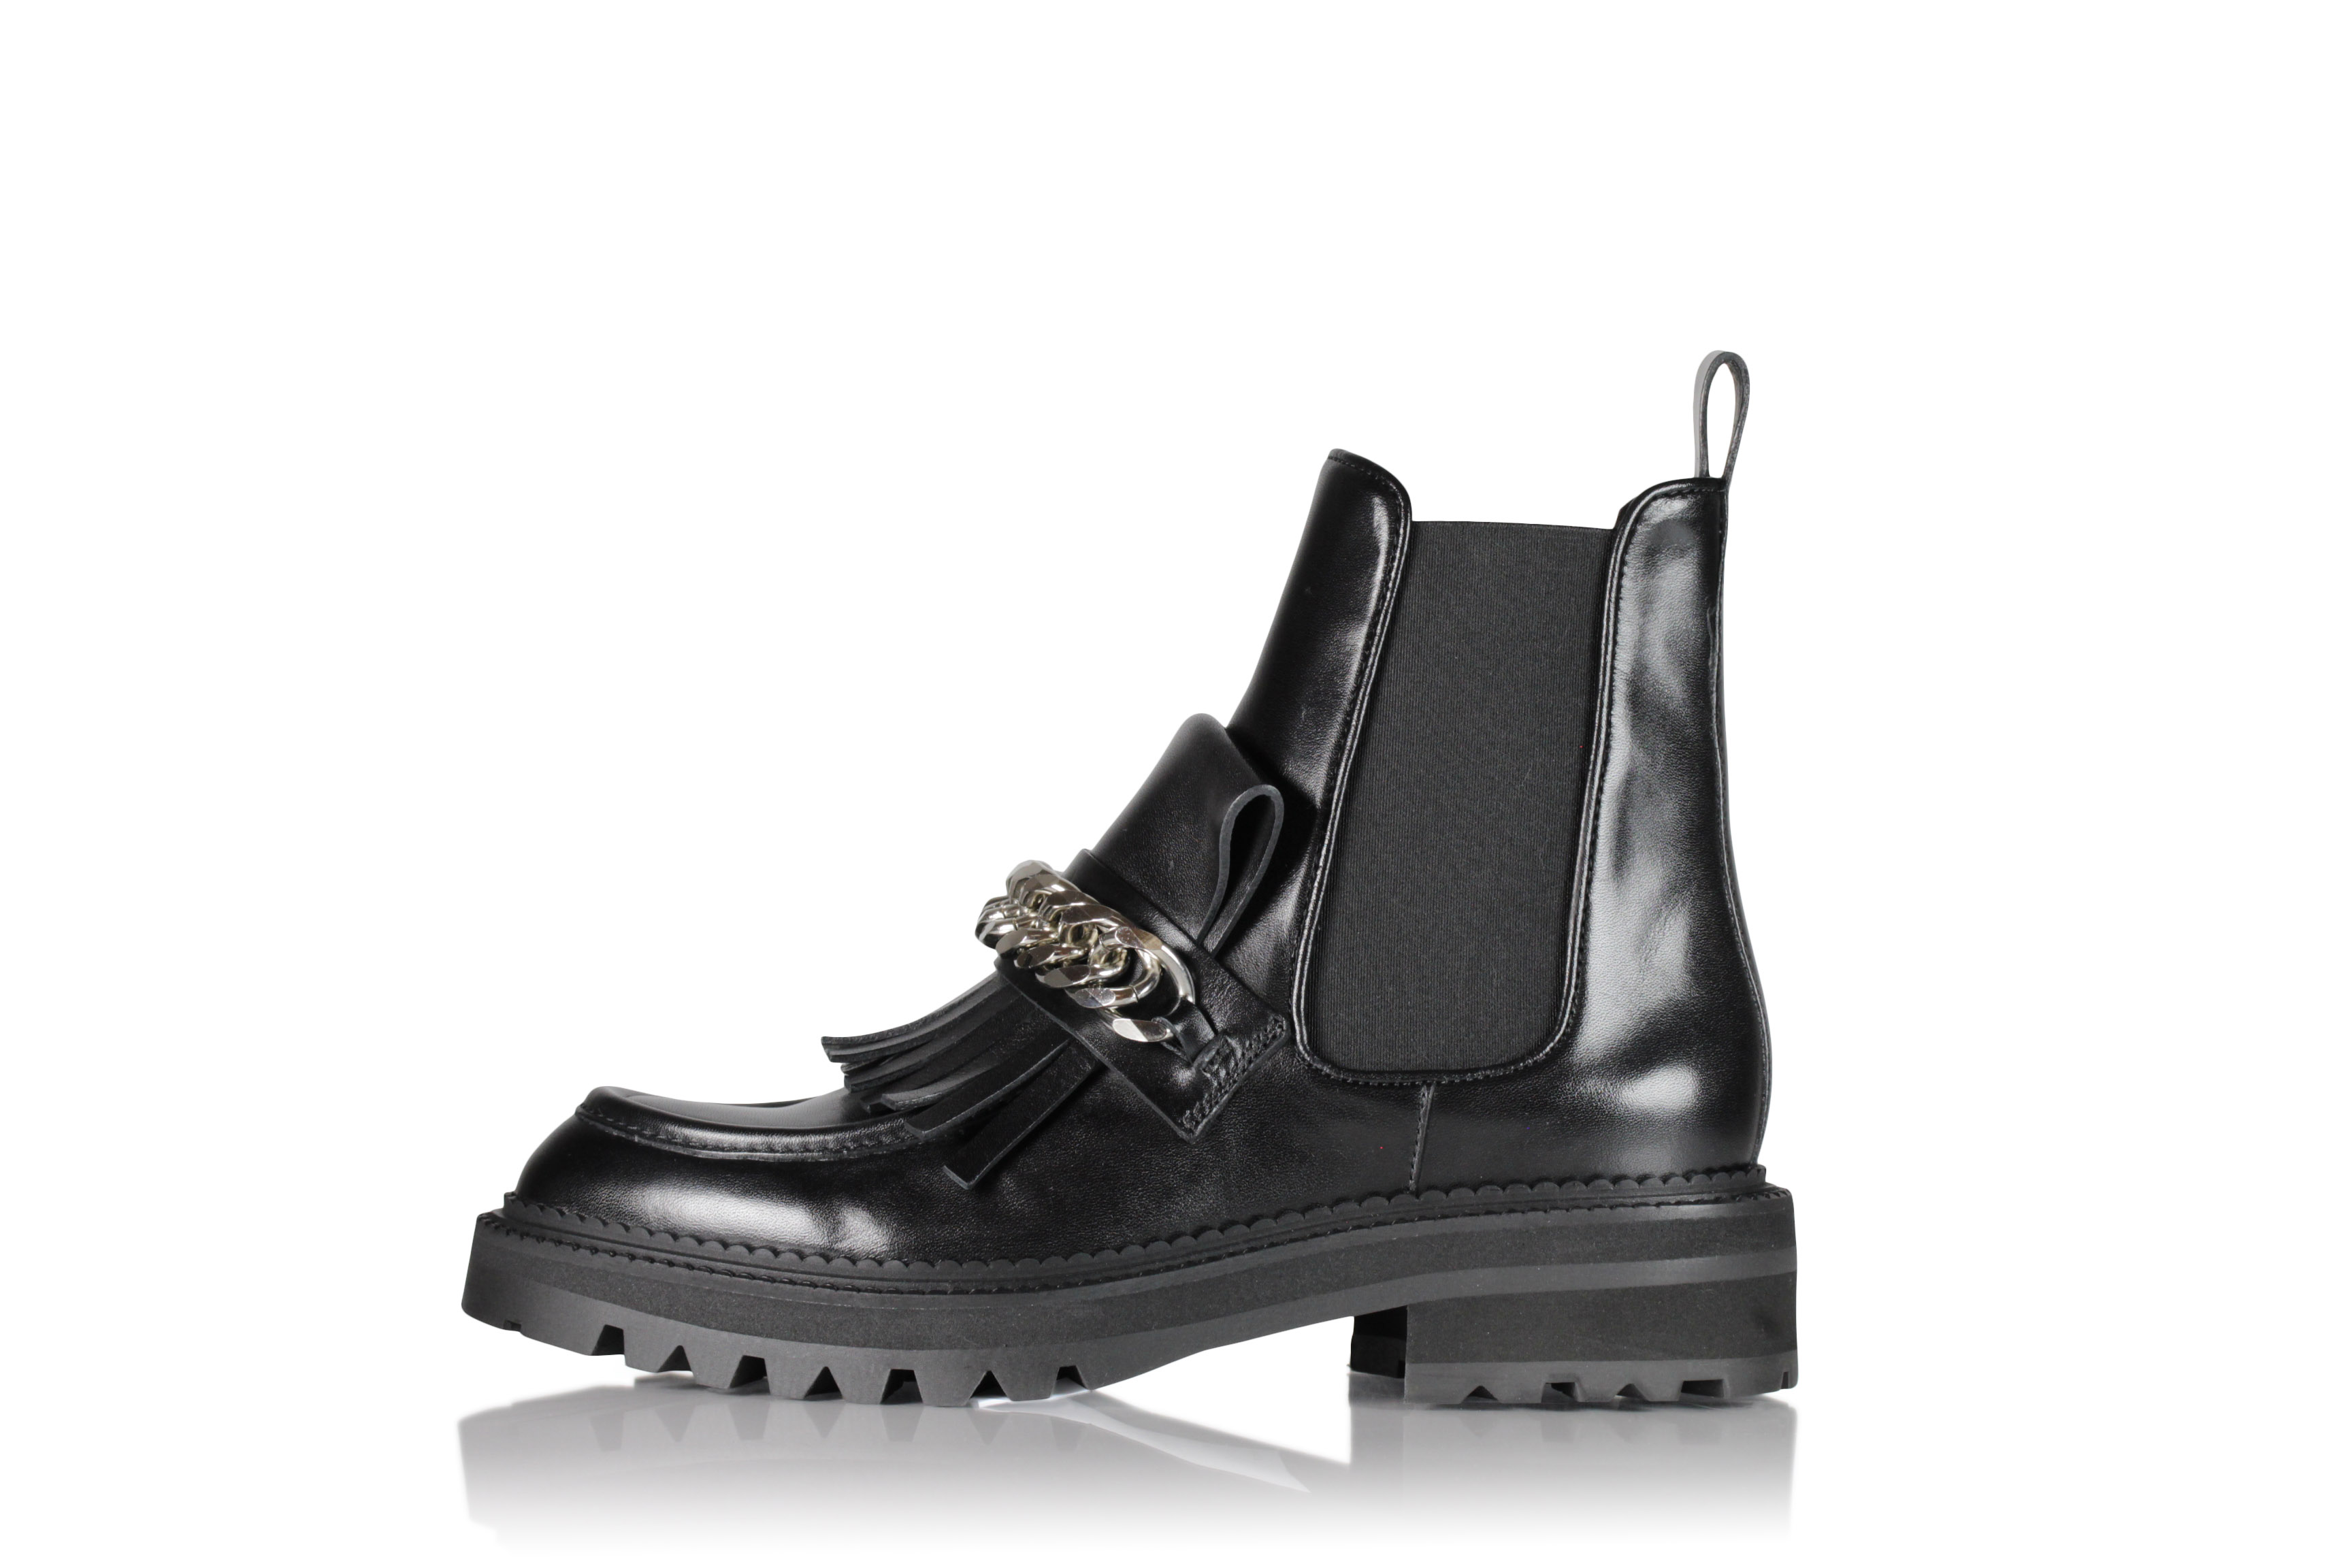 Billi Bi A1291-080 støvle